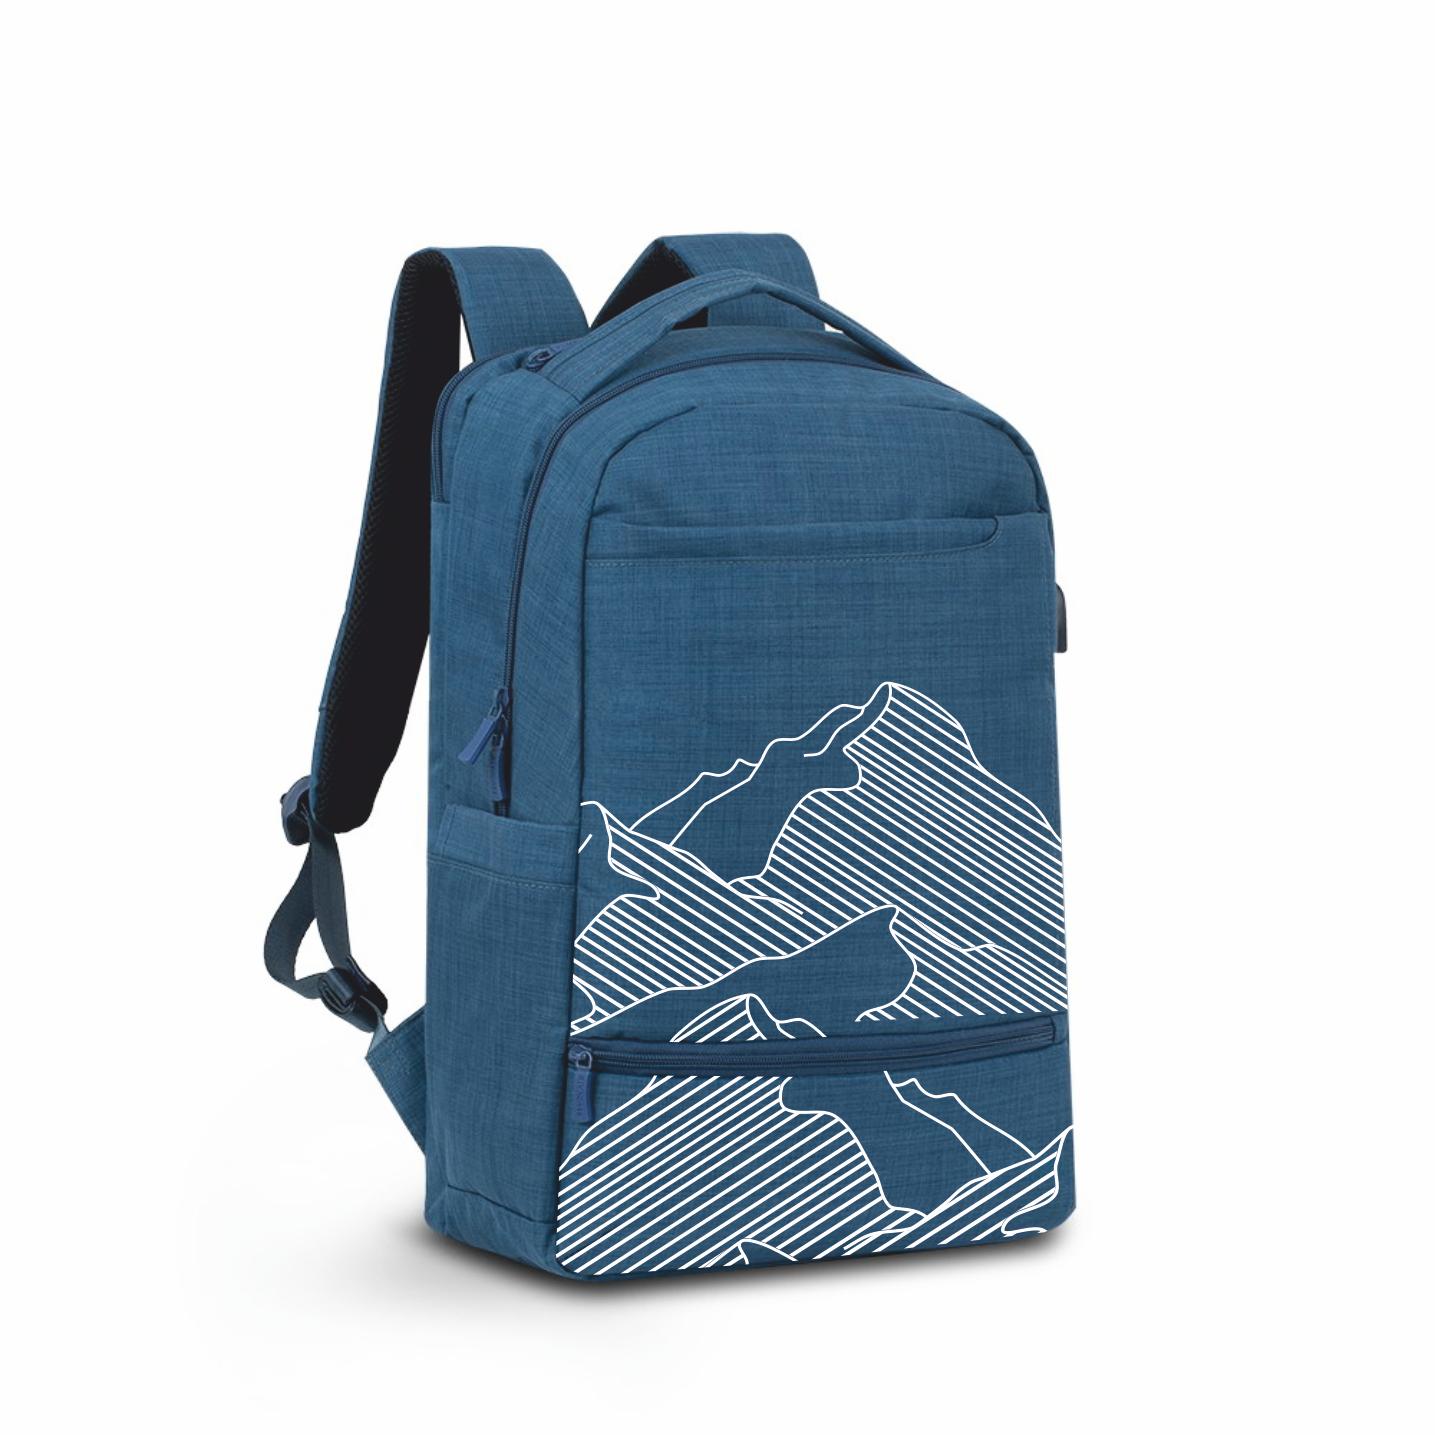 Конкурс на создание оригинального принта для рюкзаков фото f_6415f87412fb12f5.png